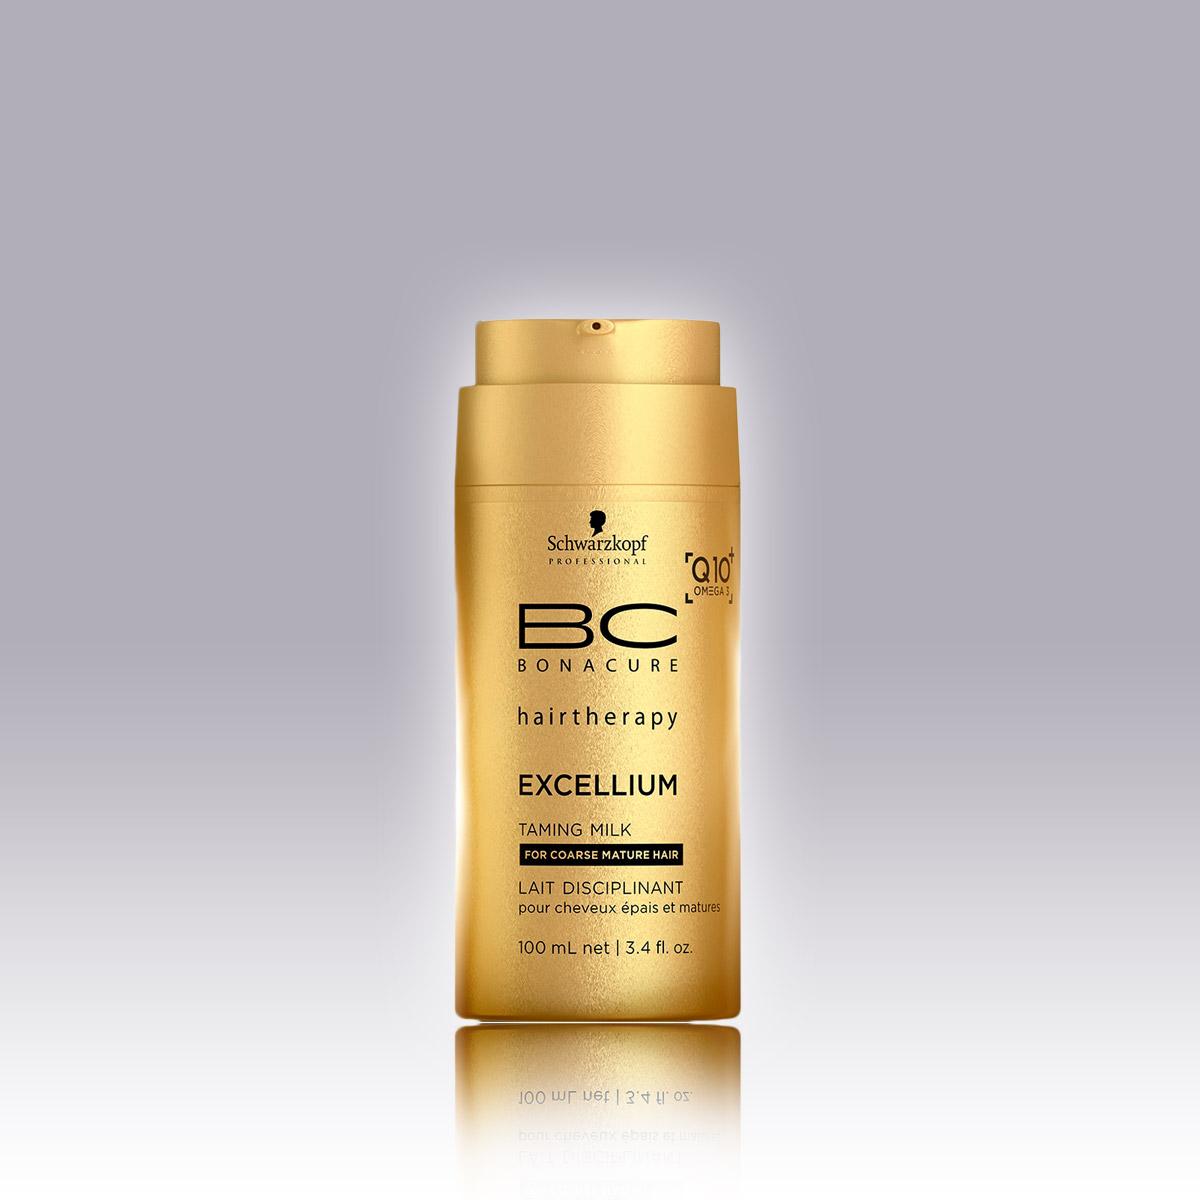 BC EXCELLIUM Q10 + Omega 3 Mlieko pre skrotenie vlasov, 100 ml, 14.75 €